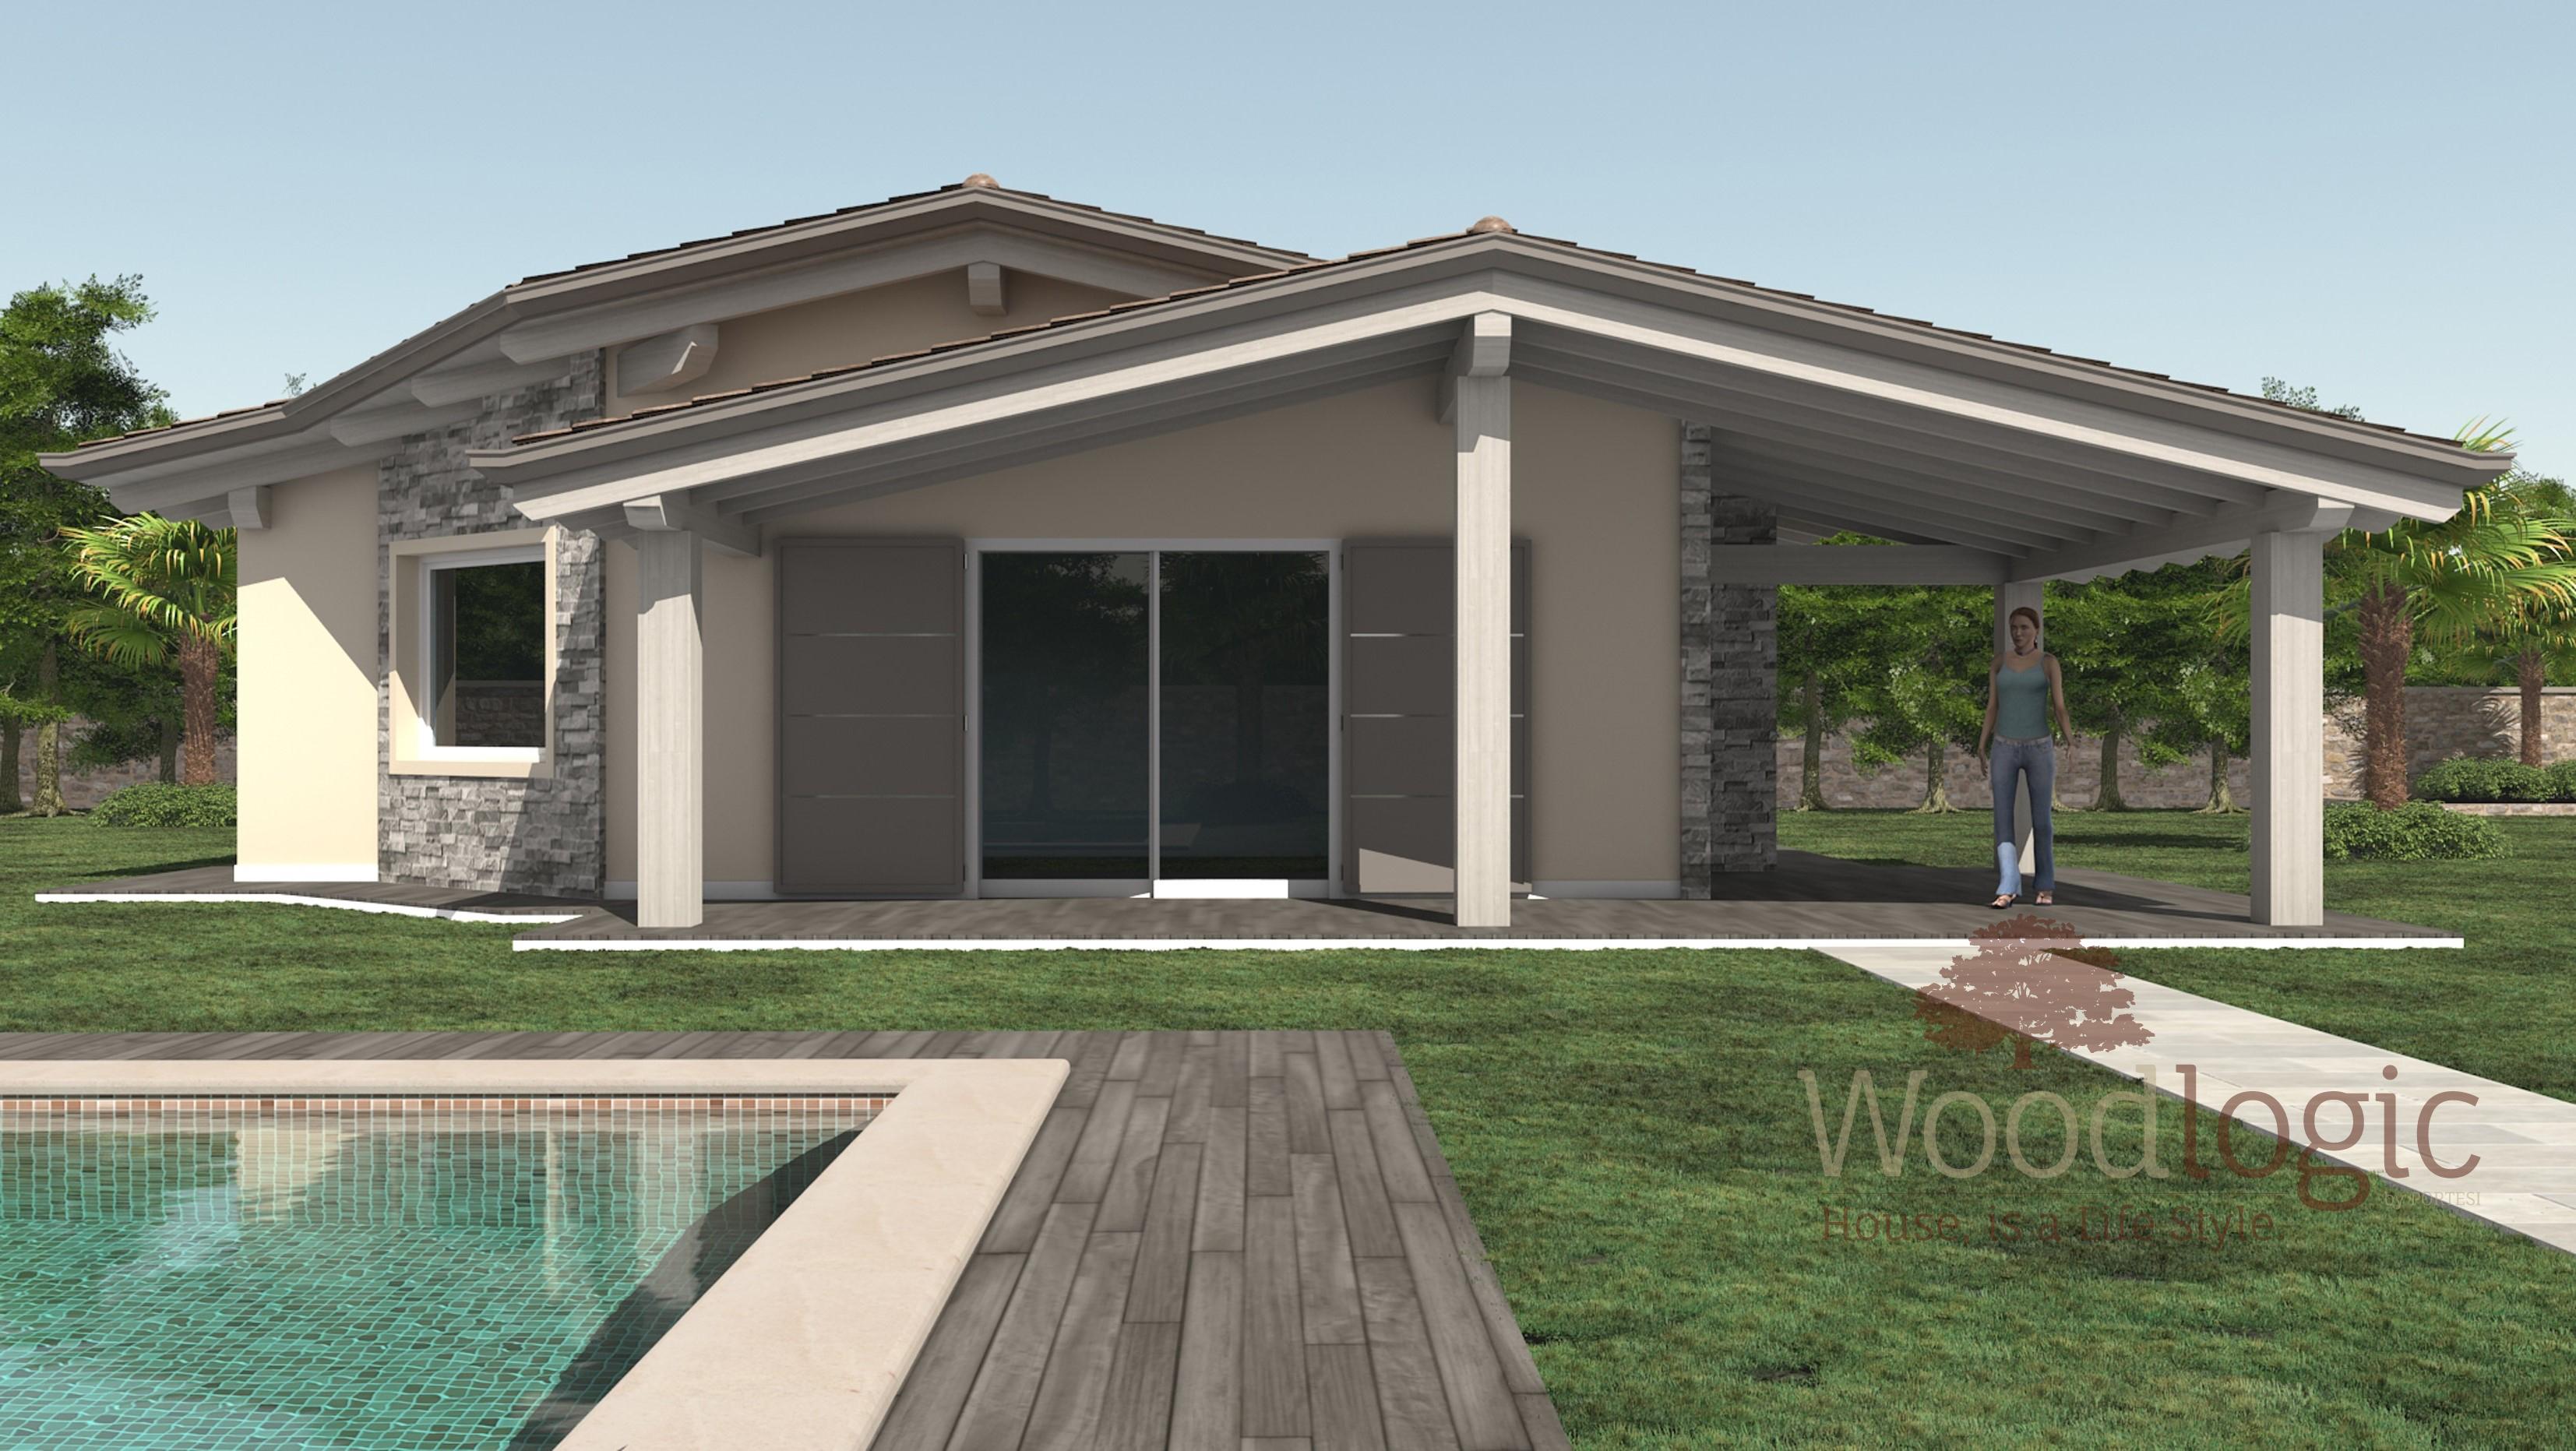 Villa mimosa case ecologiche classiche woodlogic for Costo per costruire piani di casa